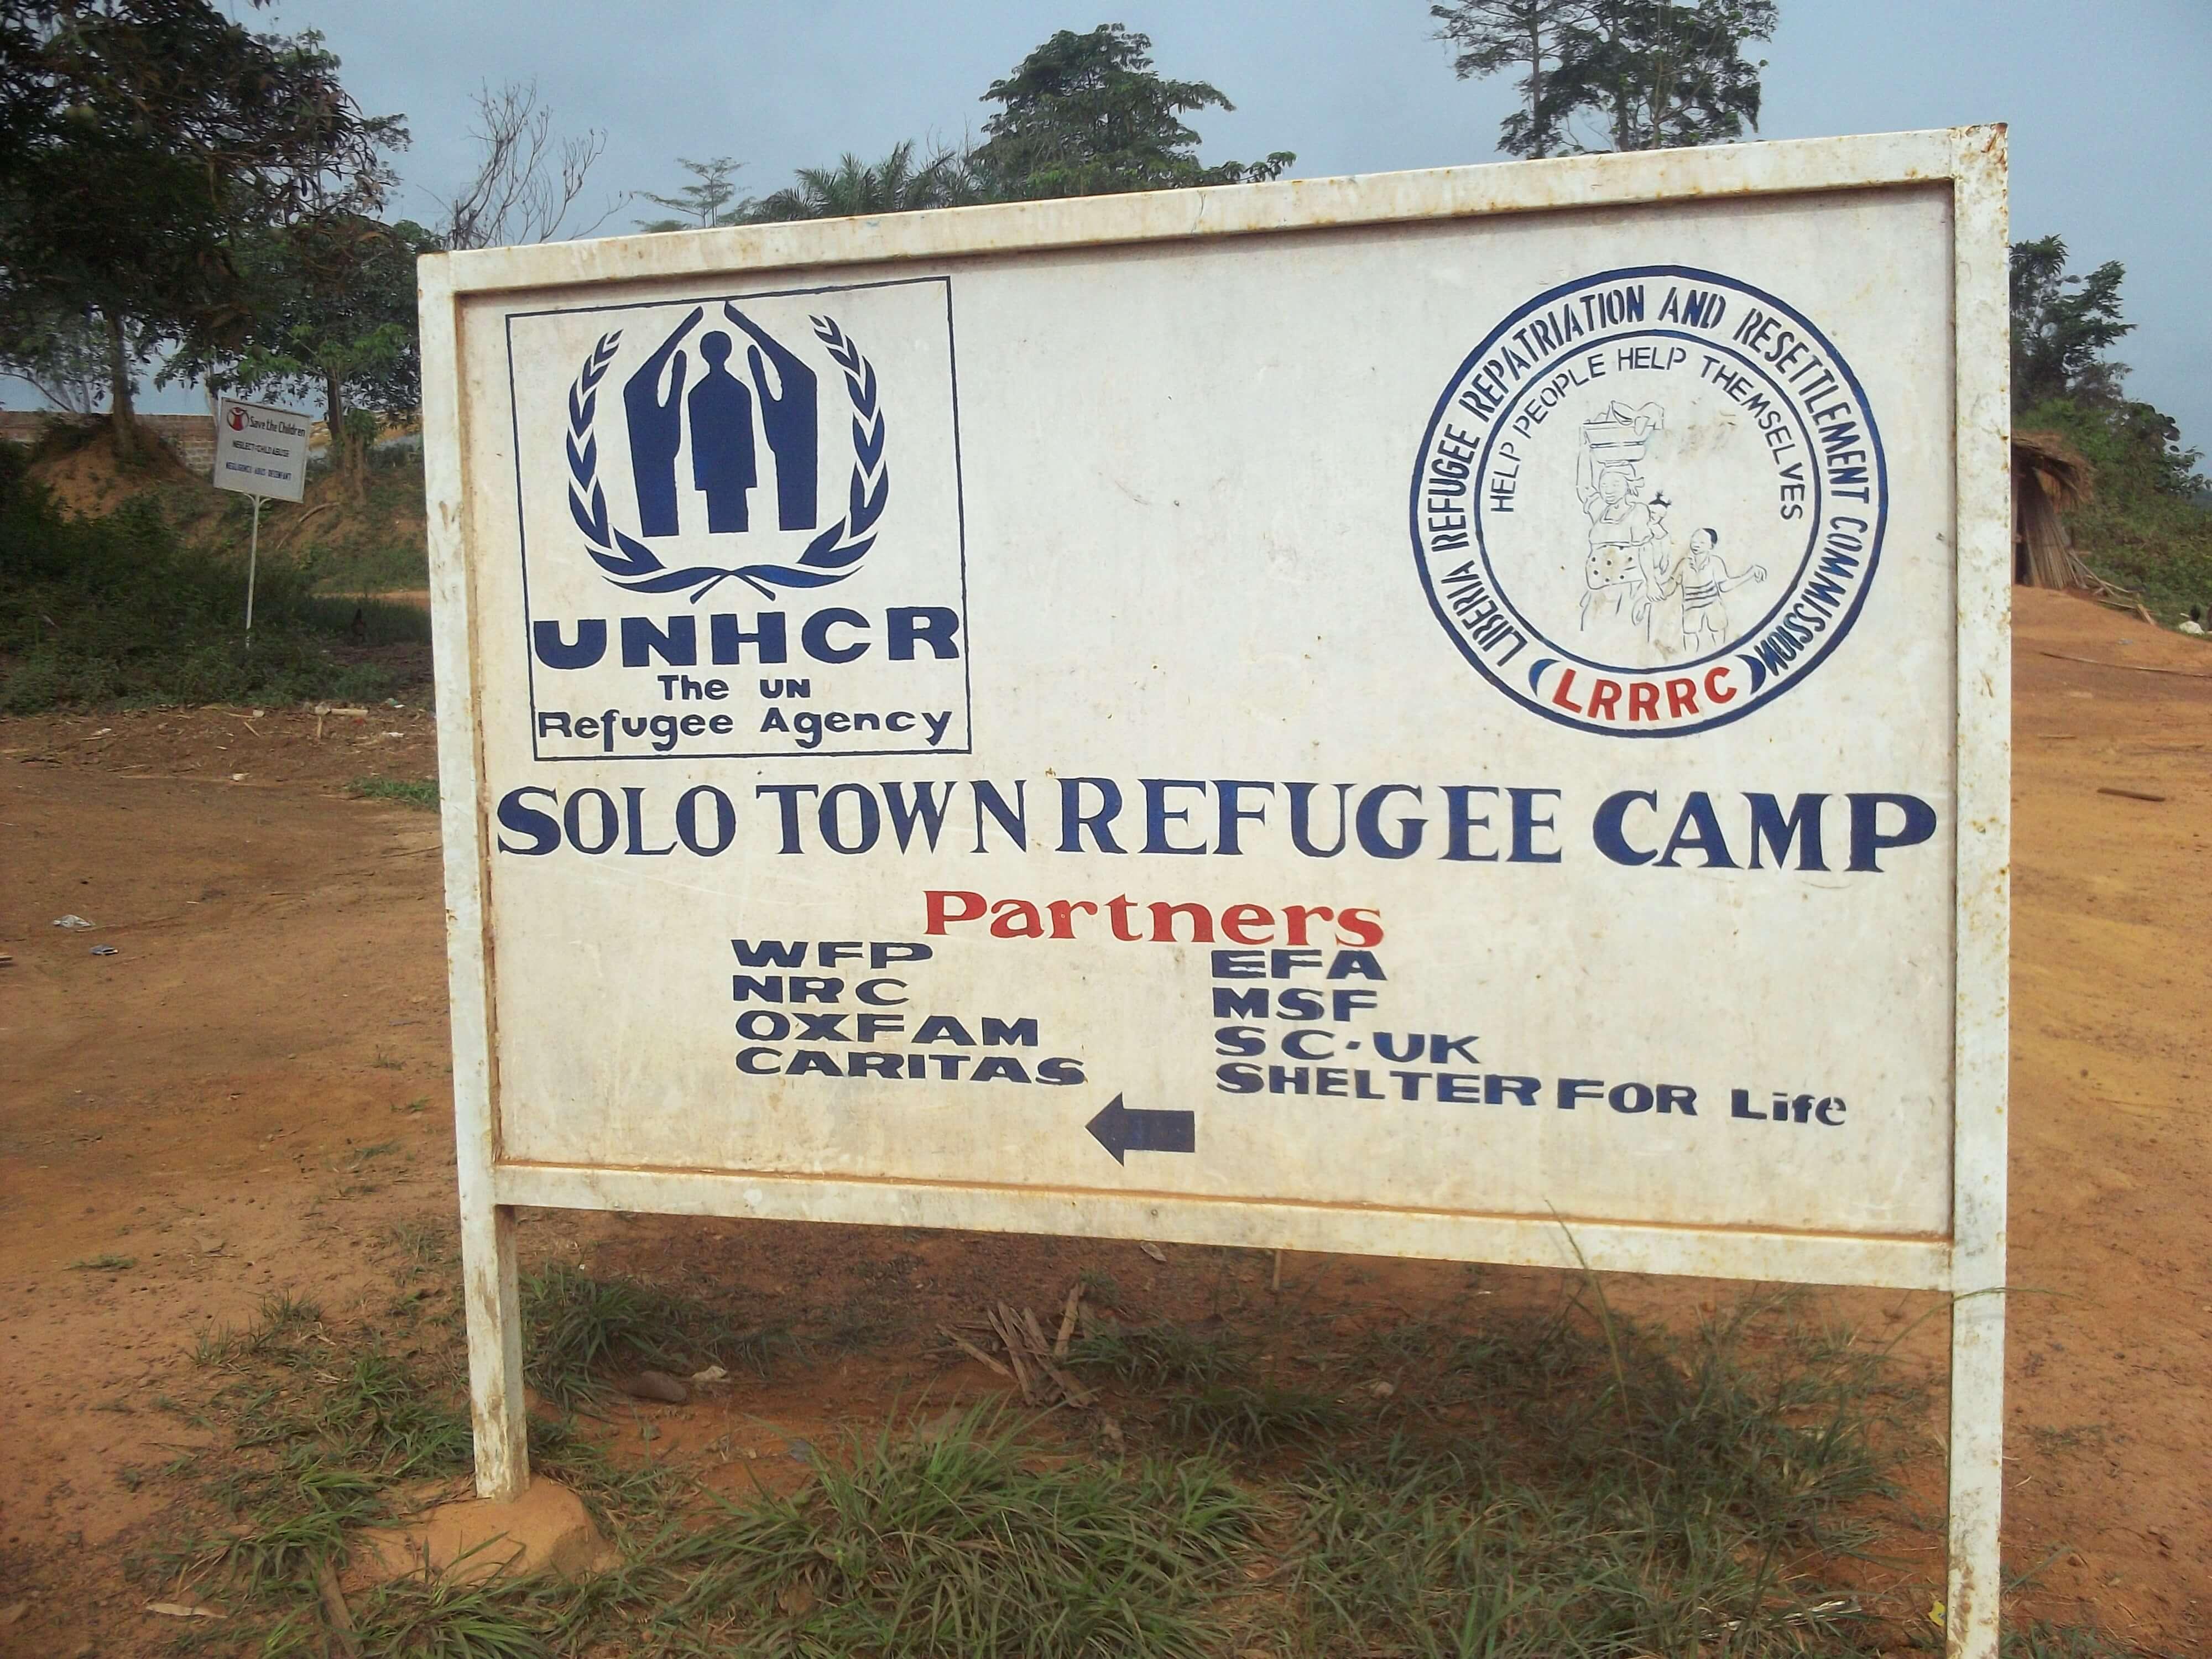 Missions dans les camps de réfugiés : des milliers d'Ivoiriens ont traversé le fleuve  pour échapper